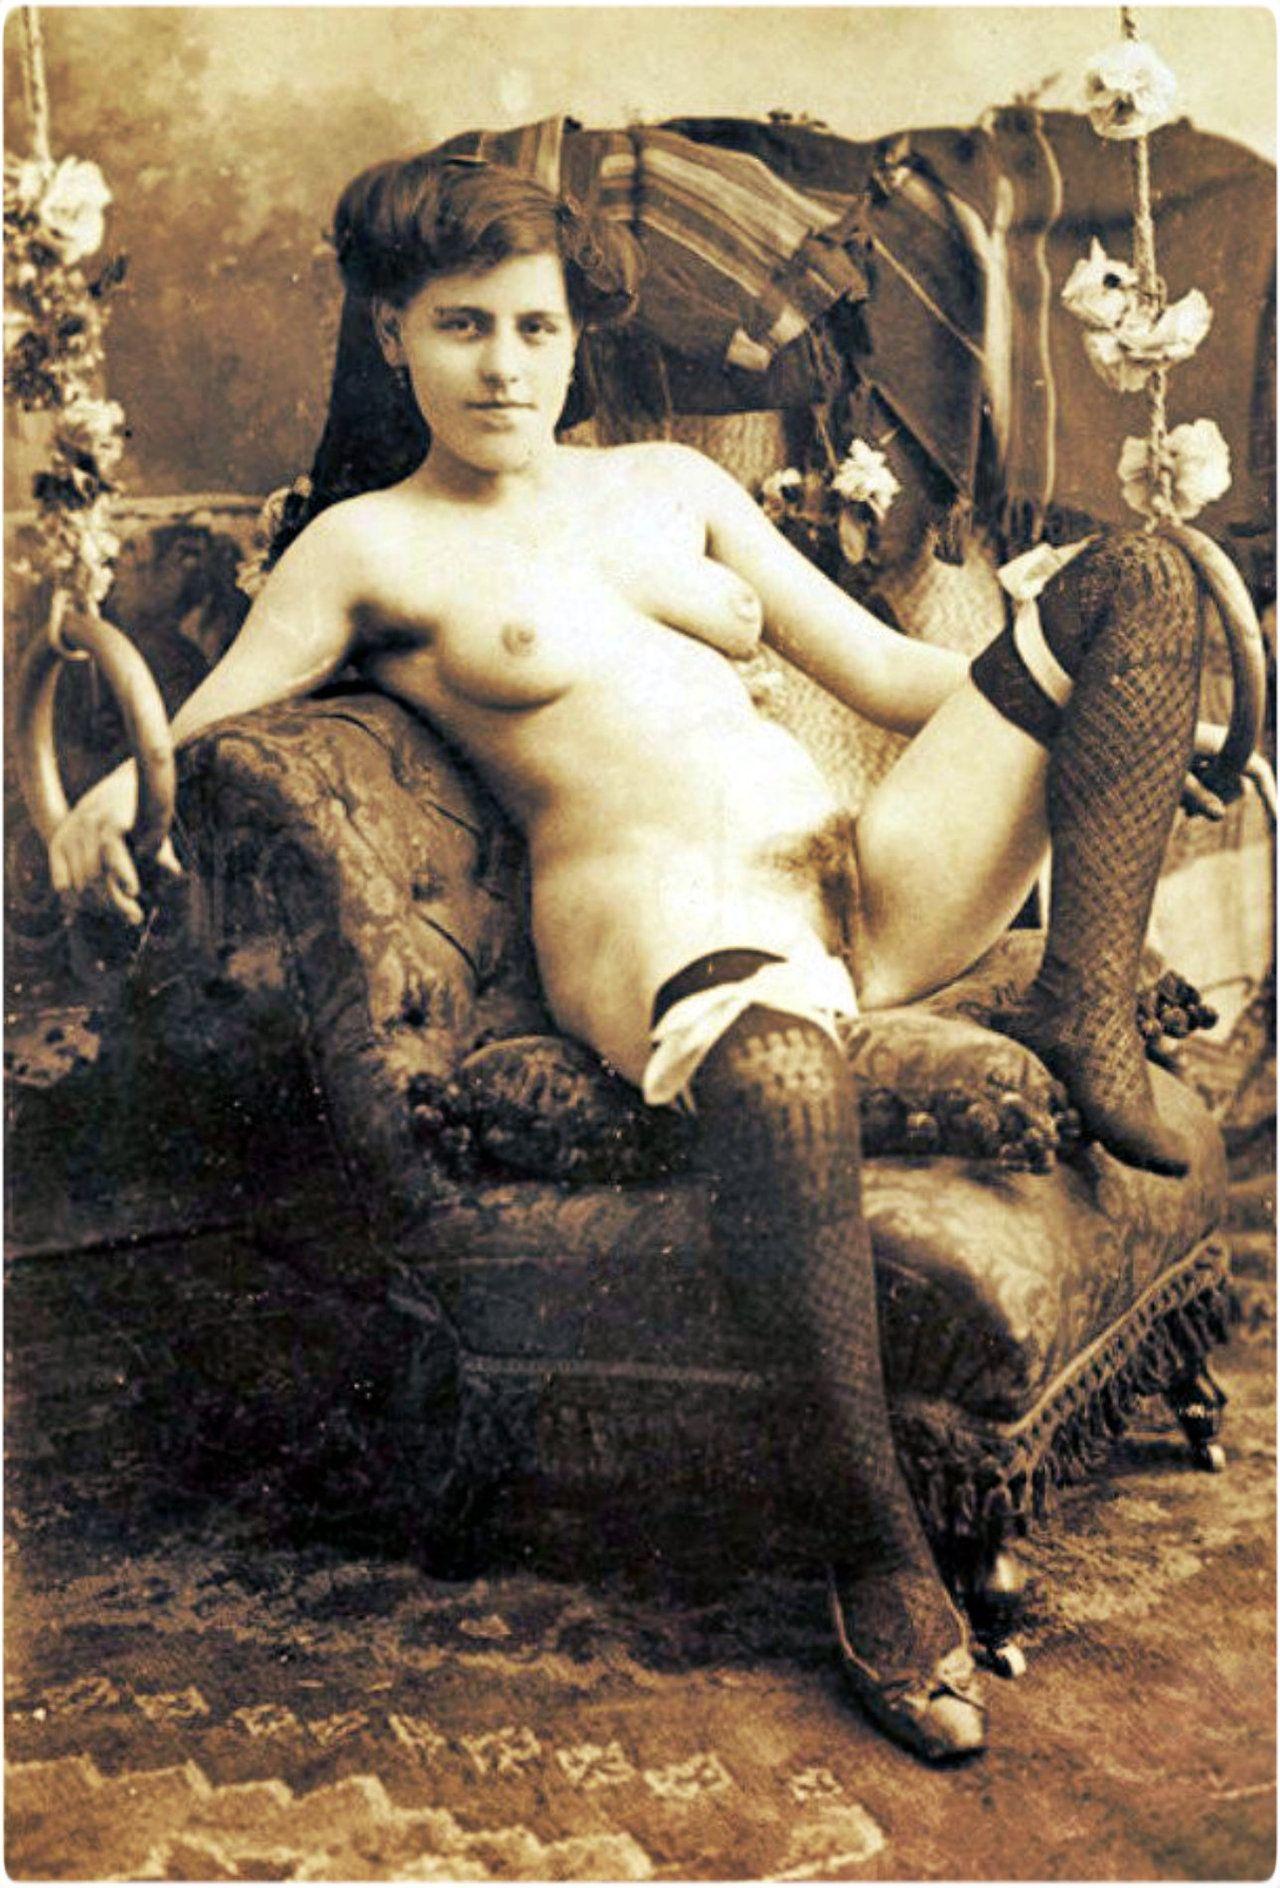 vintage erotica in communities